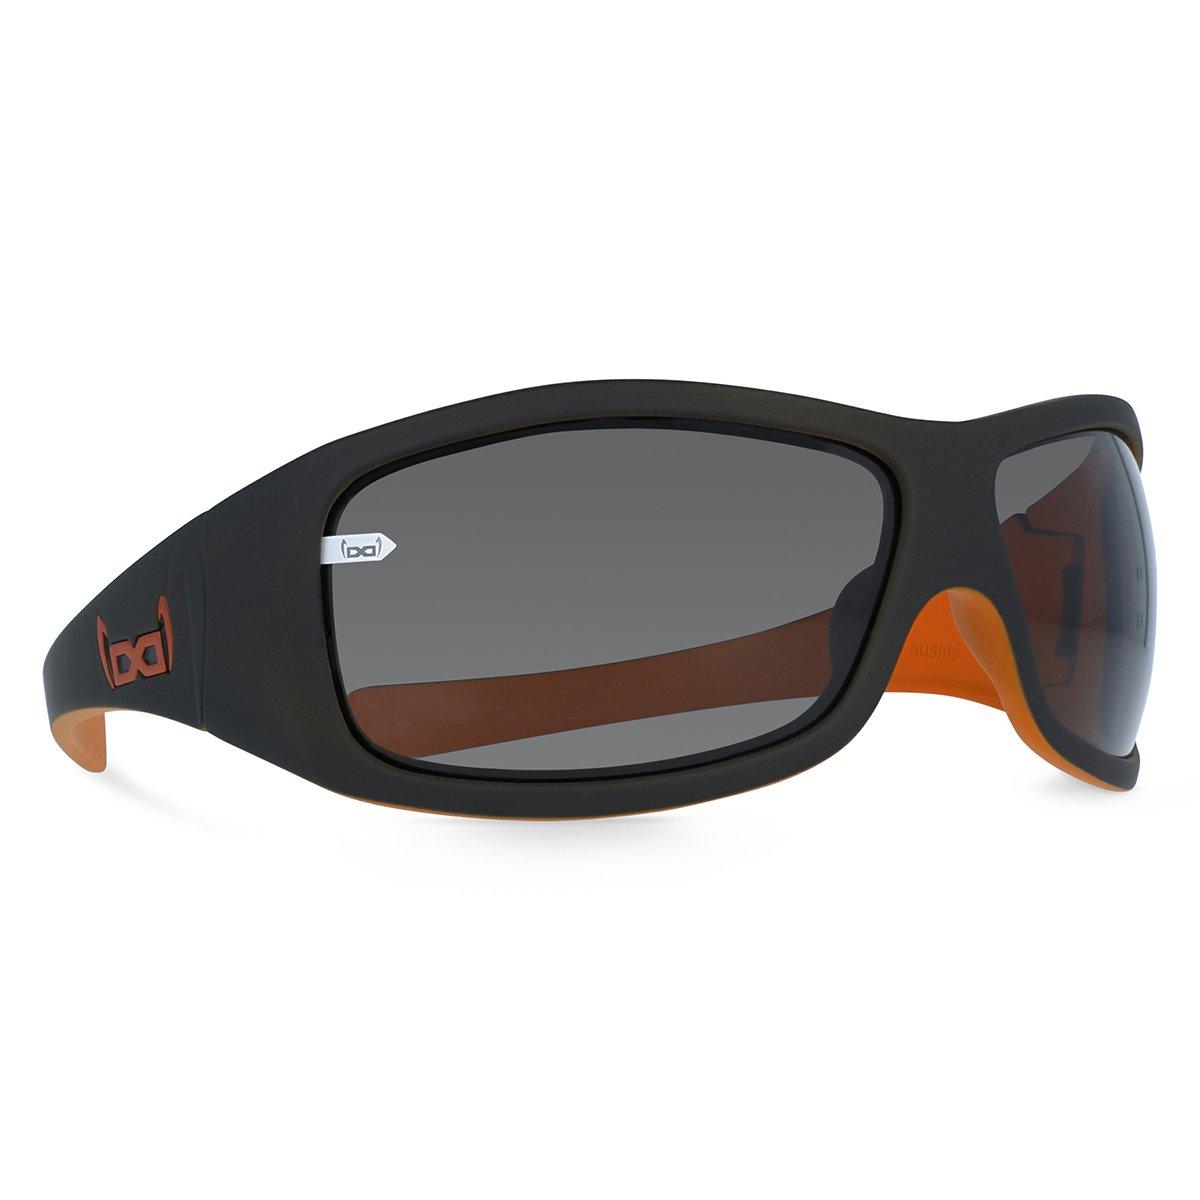 Gloryfy g3 lunettes de soleil de sport taille unique Multicolore - Black-Orange   B00MYZ6FO4